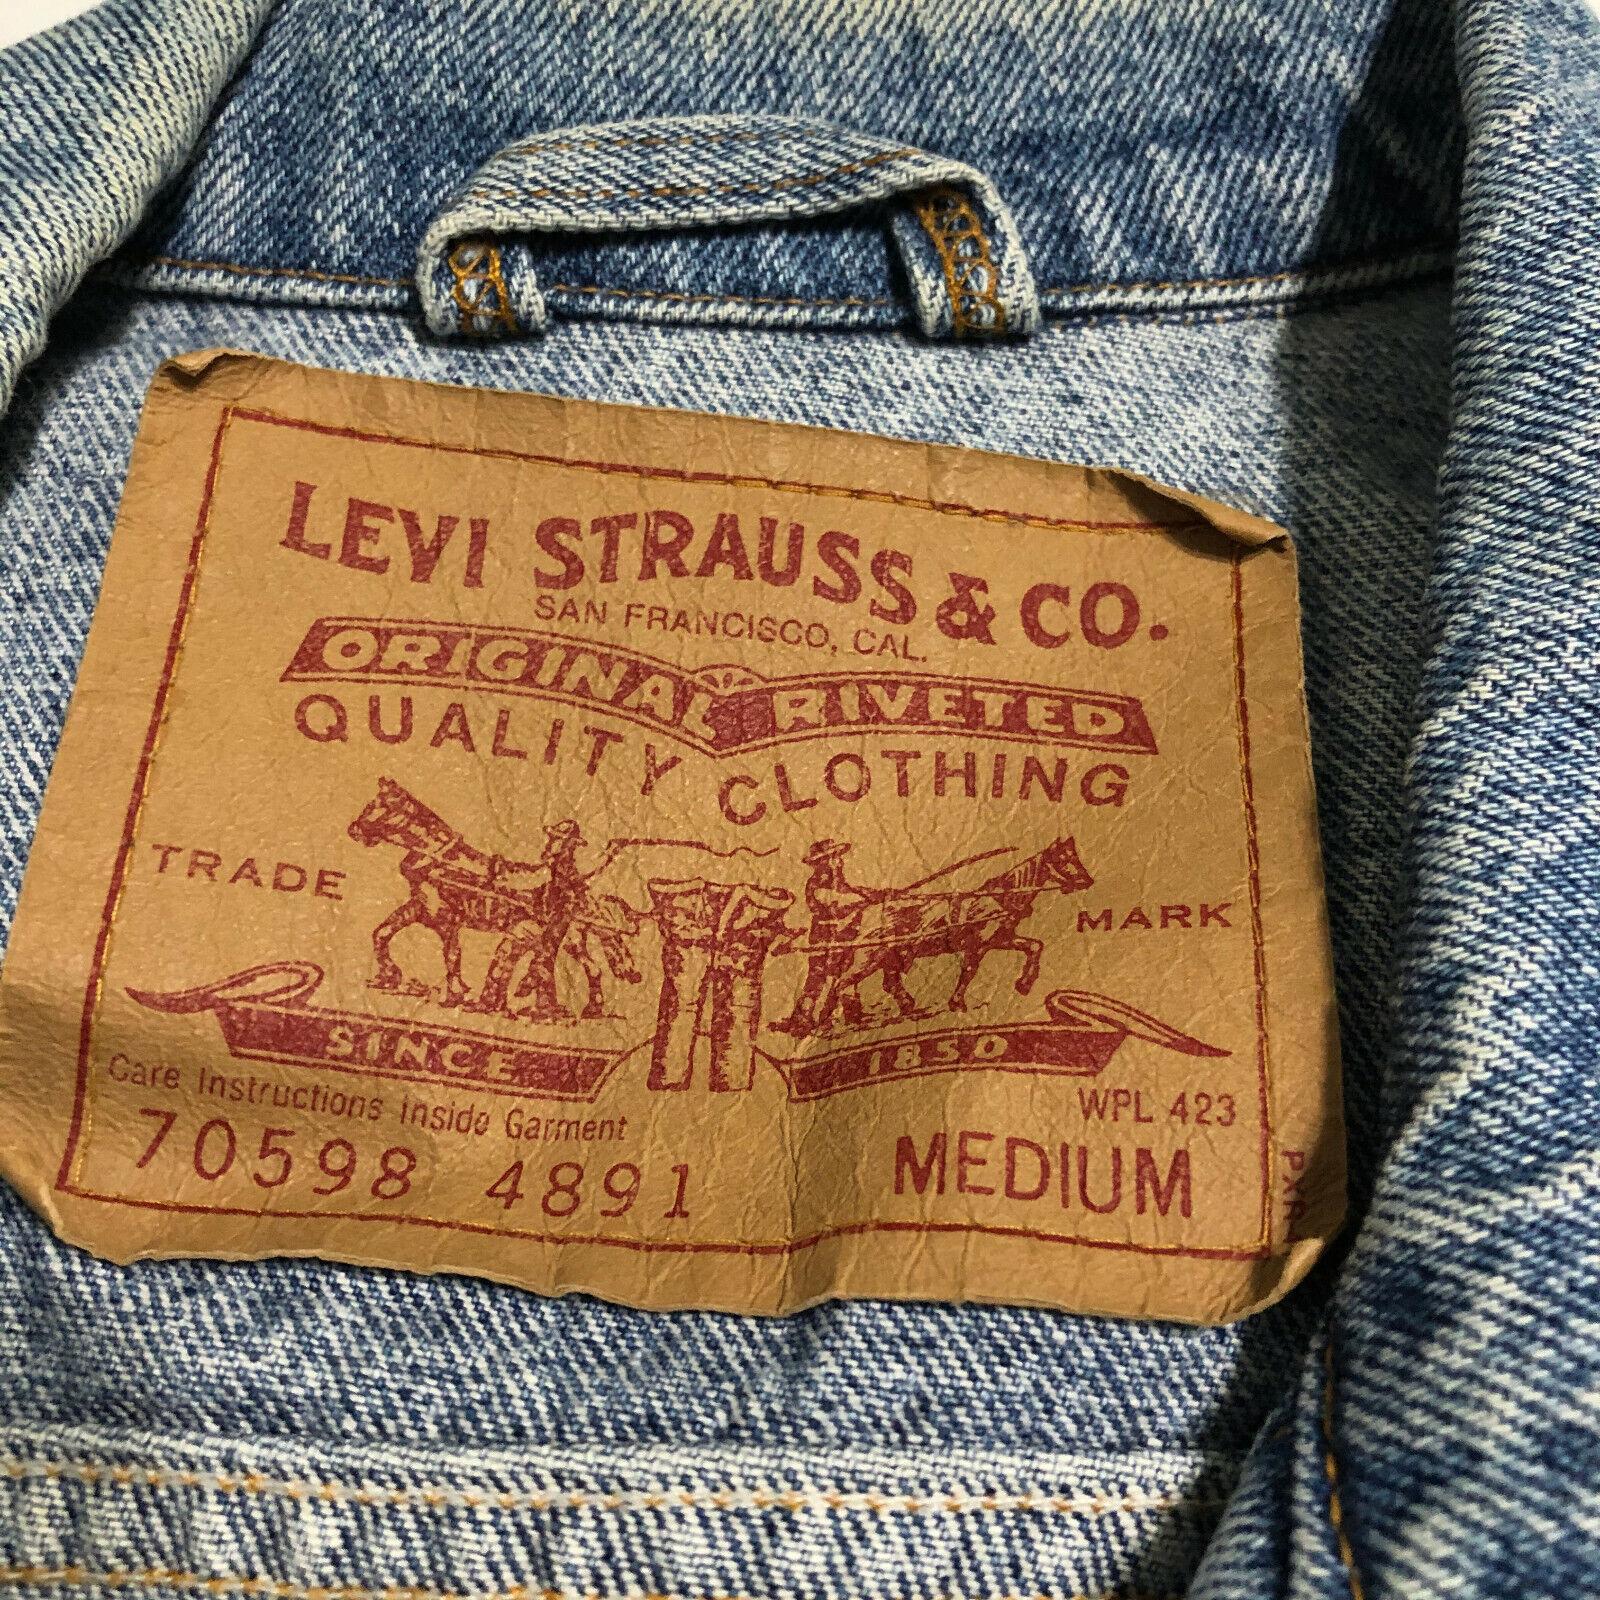 Vintage 80 90's LEVIS 70598-4891 USA Acid Washed … - image 3